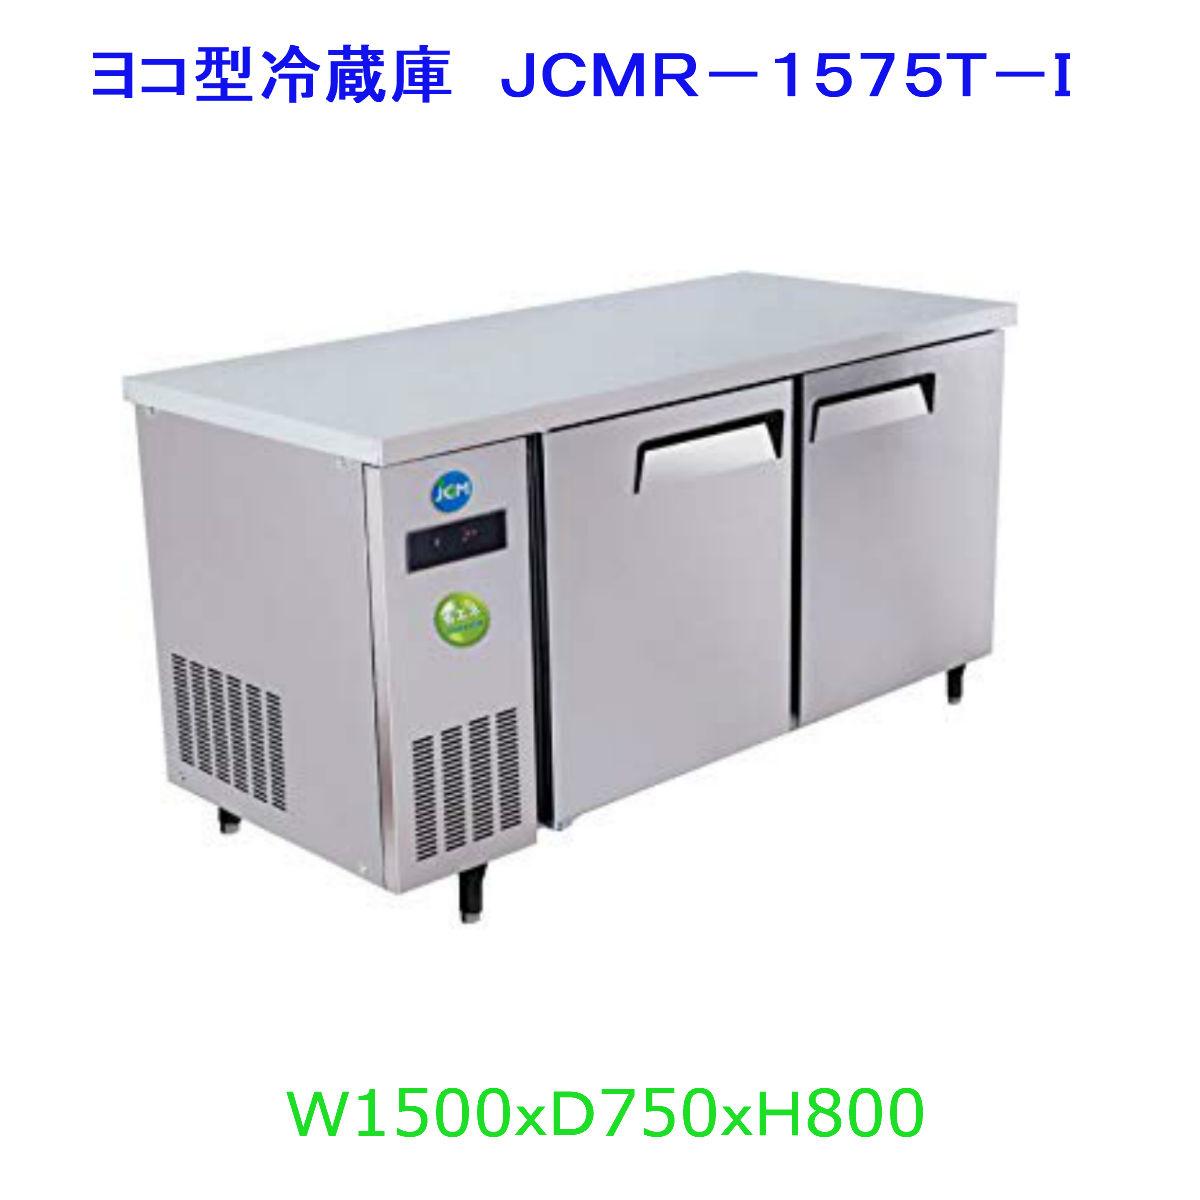 自動霜取り後の水は自然蒸発構造なので排水設備不要! 【送料無料】【新品】400L コールドテーブル ヨコ型冷蔵庫 JCMR-1575T-I